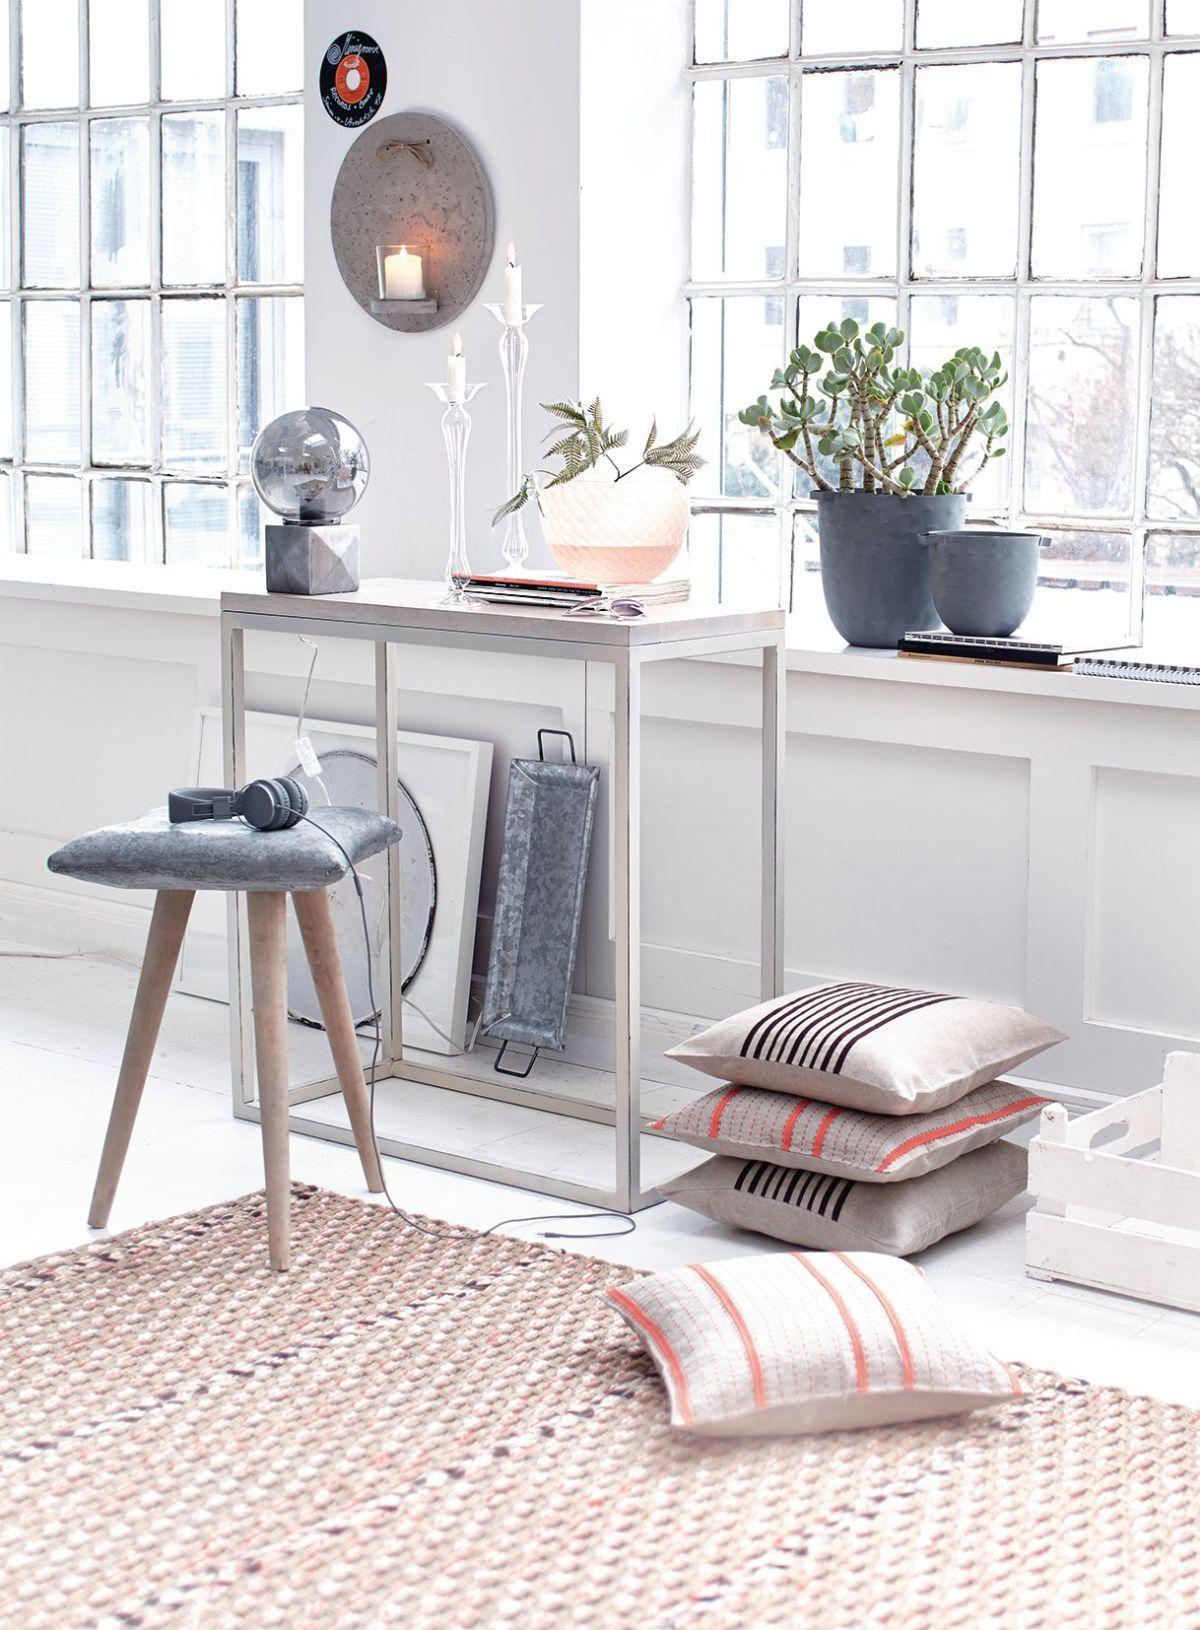 Da geht uns ein Lichta auf - perfekter geht es kaum und passend wunderbar zum Loftstyle: Schlicht und sehr designig: eine transparente Glaskugelund ein silberfarbener Quader.